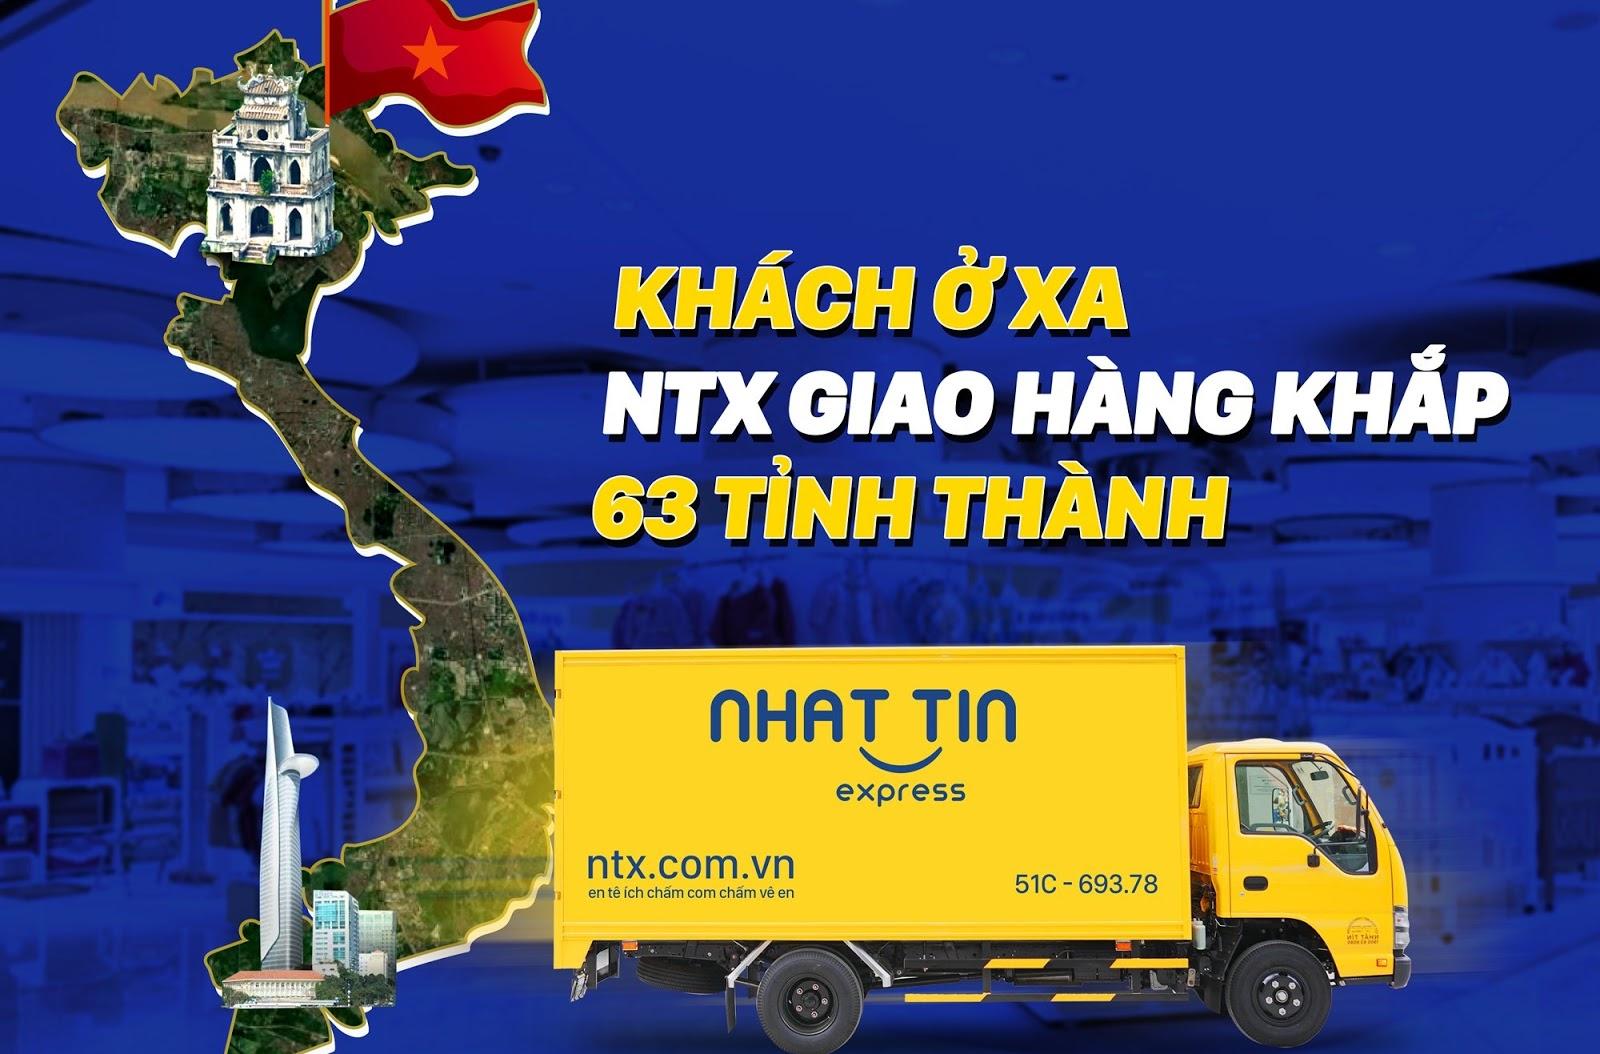 Hướng dẫn giao hàng tiết kiệm từ A đến Z tại NTX – Nhất Tín Express